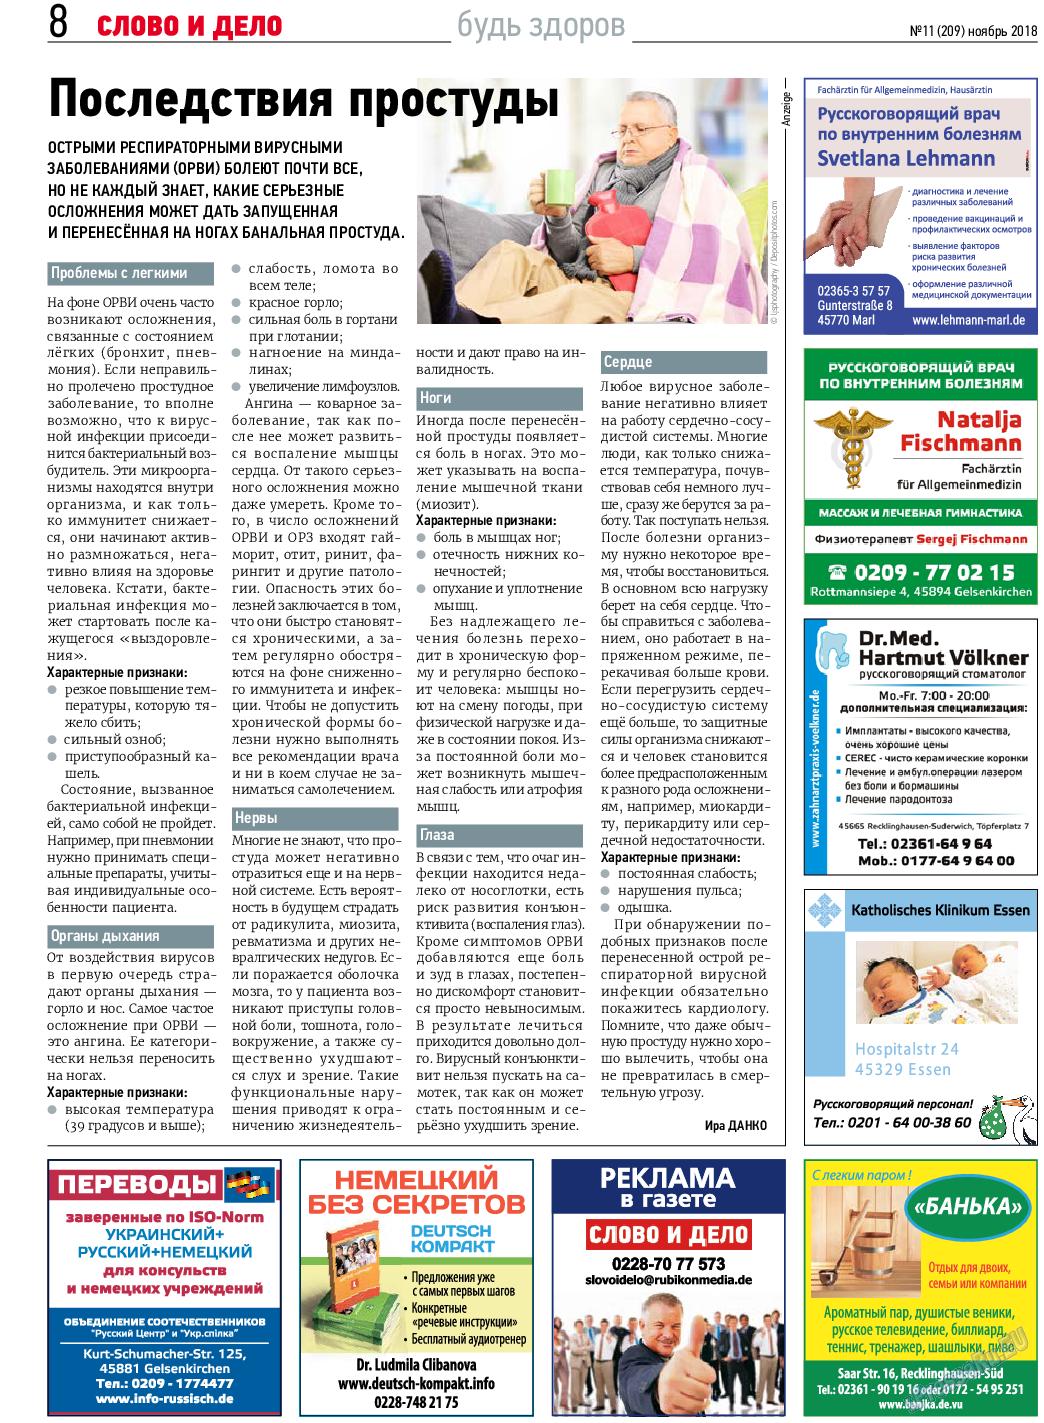 Слово и дело (газета). 2018 год, номер 11, стр. 8